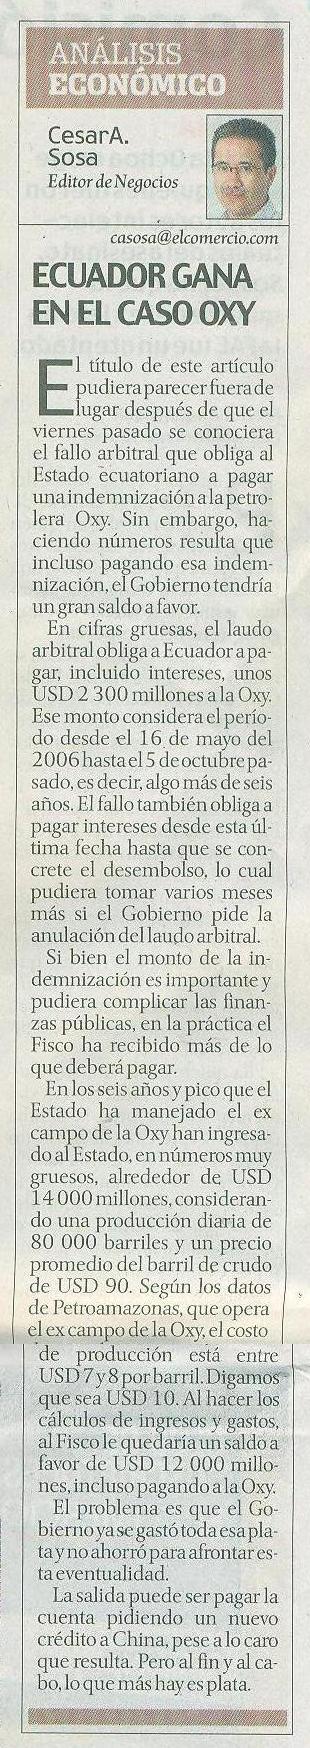 44-El Comercio, Ecuador gana en el caso Oxy, opinion 07 10